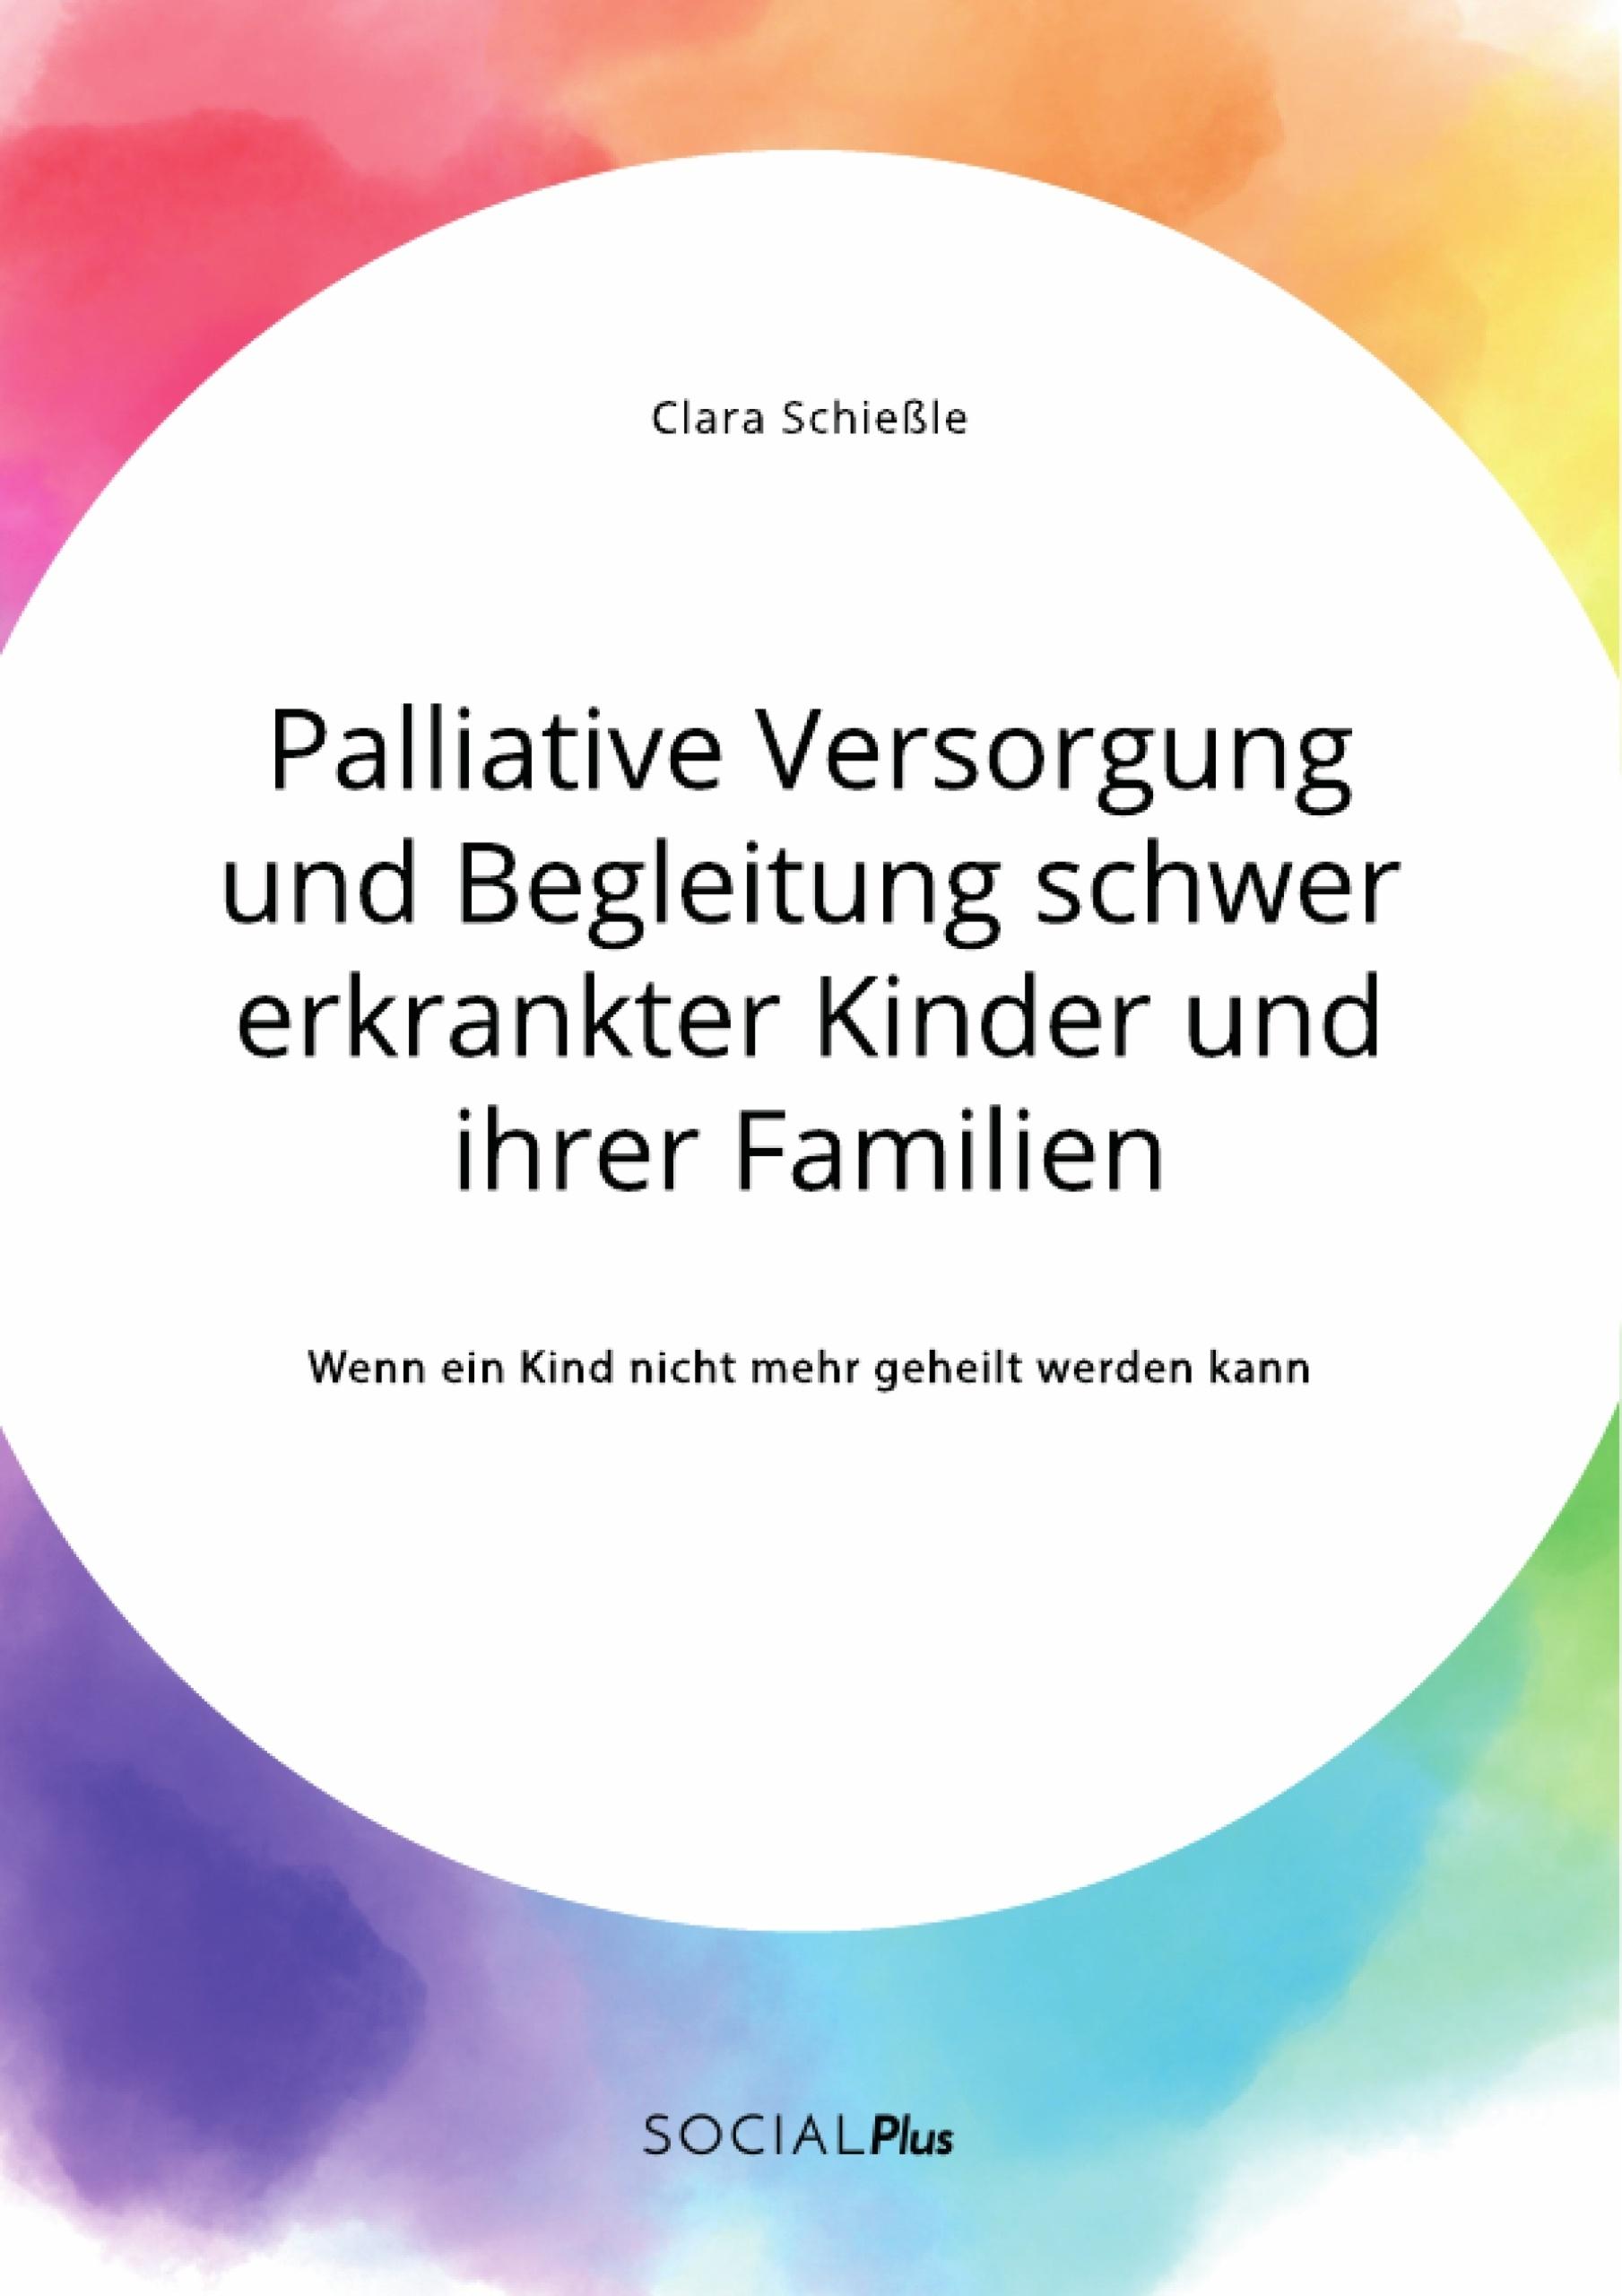 Titel: Palliative Versorgung und Begleitung schwer erkrankter Kinder und ihrer Familien. Wenn ein Kind nicht mehr geheilt werden kann